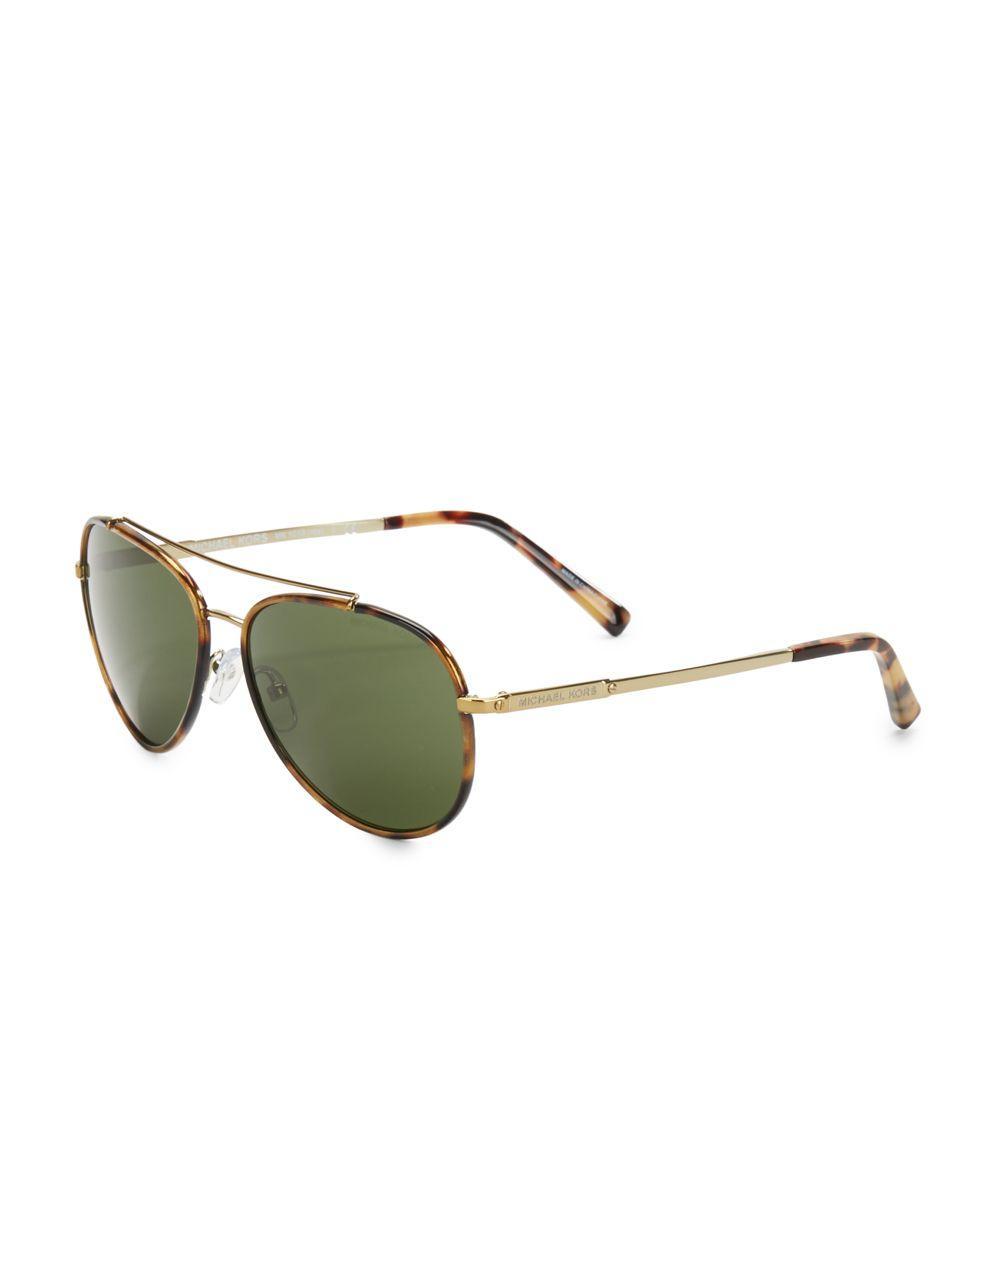 d5760b1b8858 Michael Kors 59mm Aviator Sunglasses for Men - Lyst